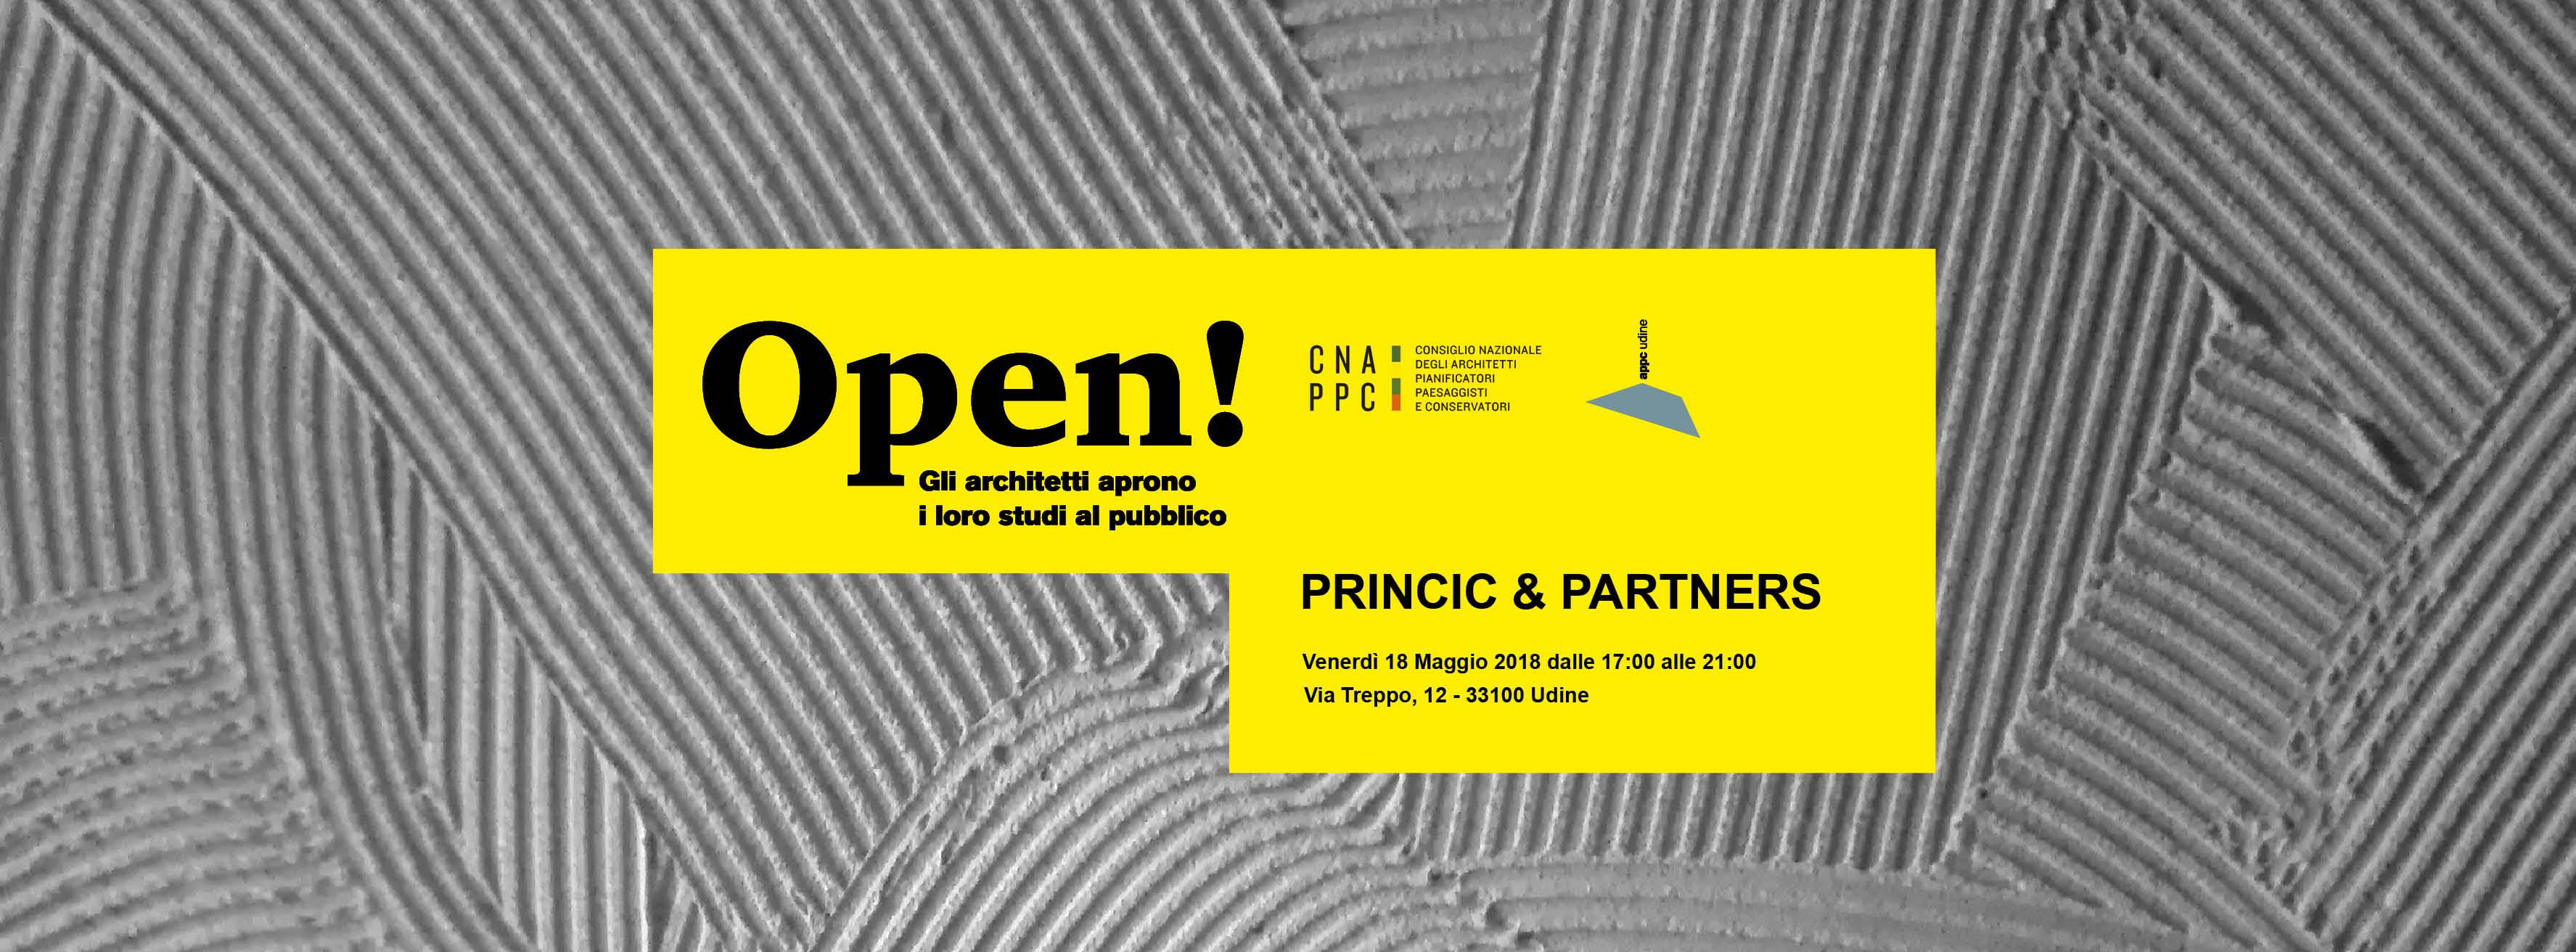 Open! Princic & Partners